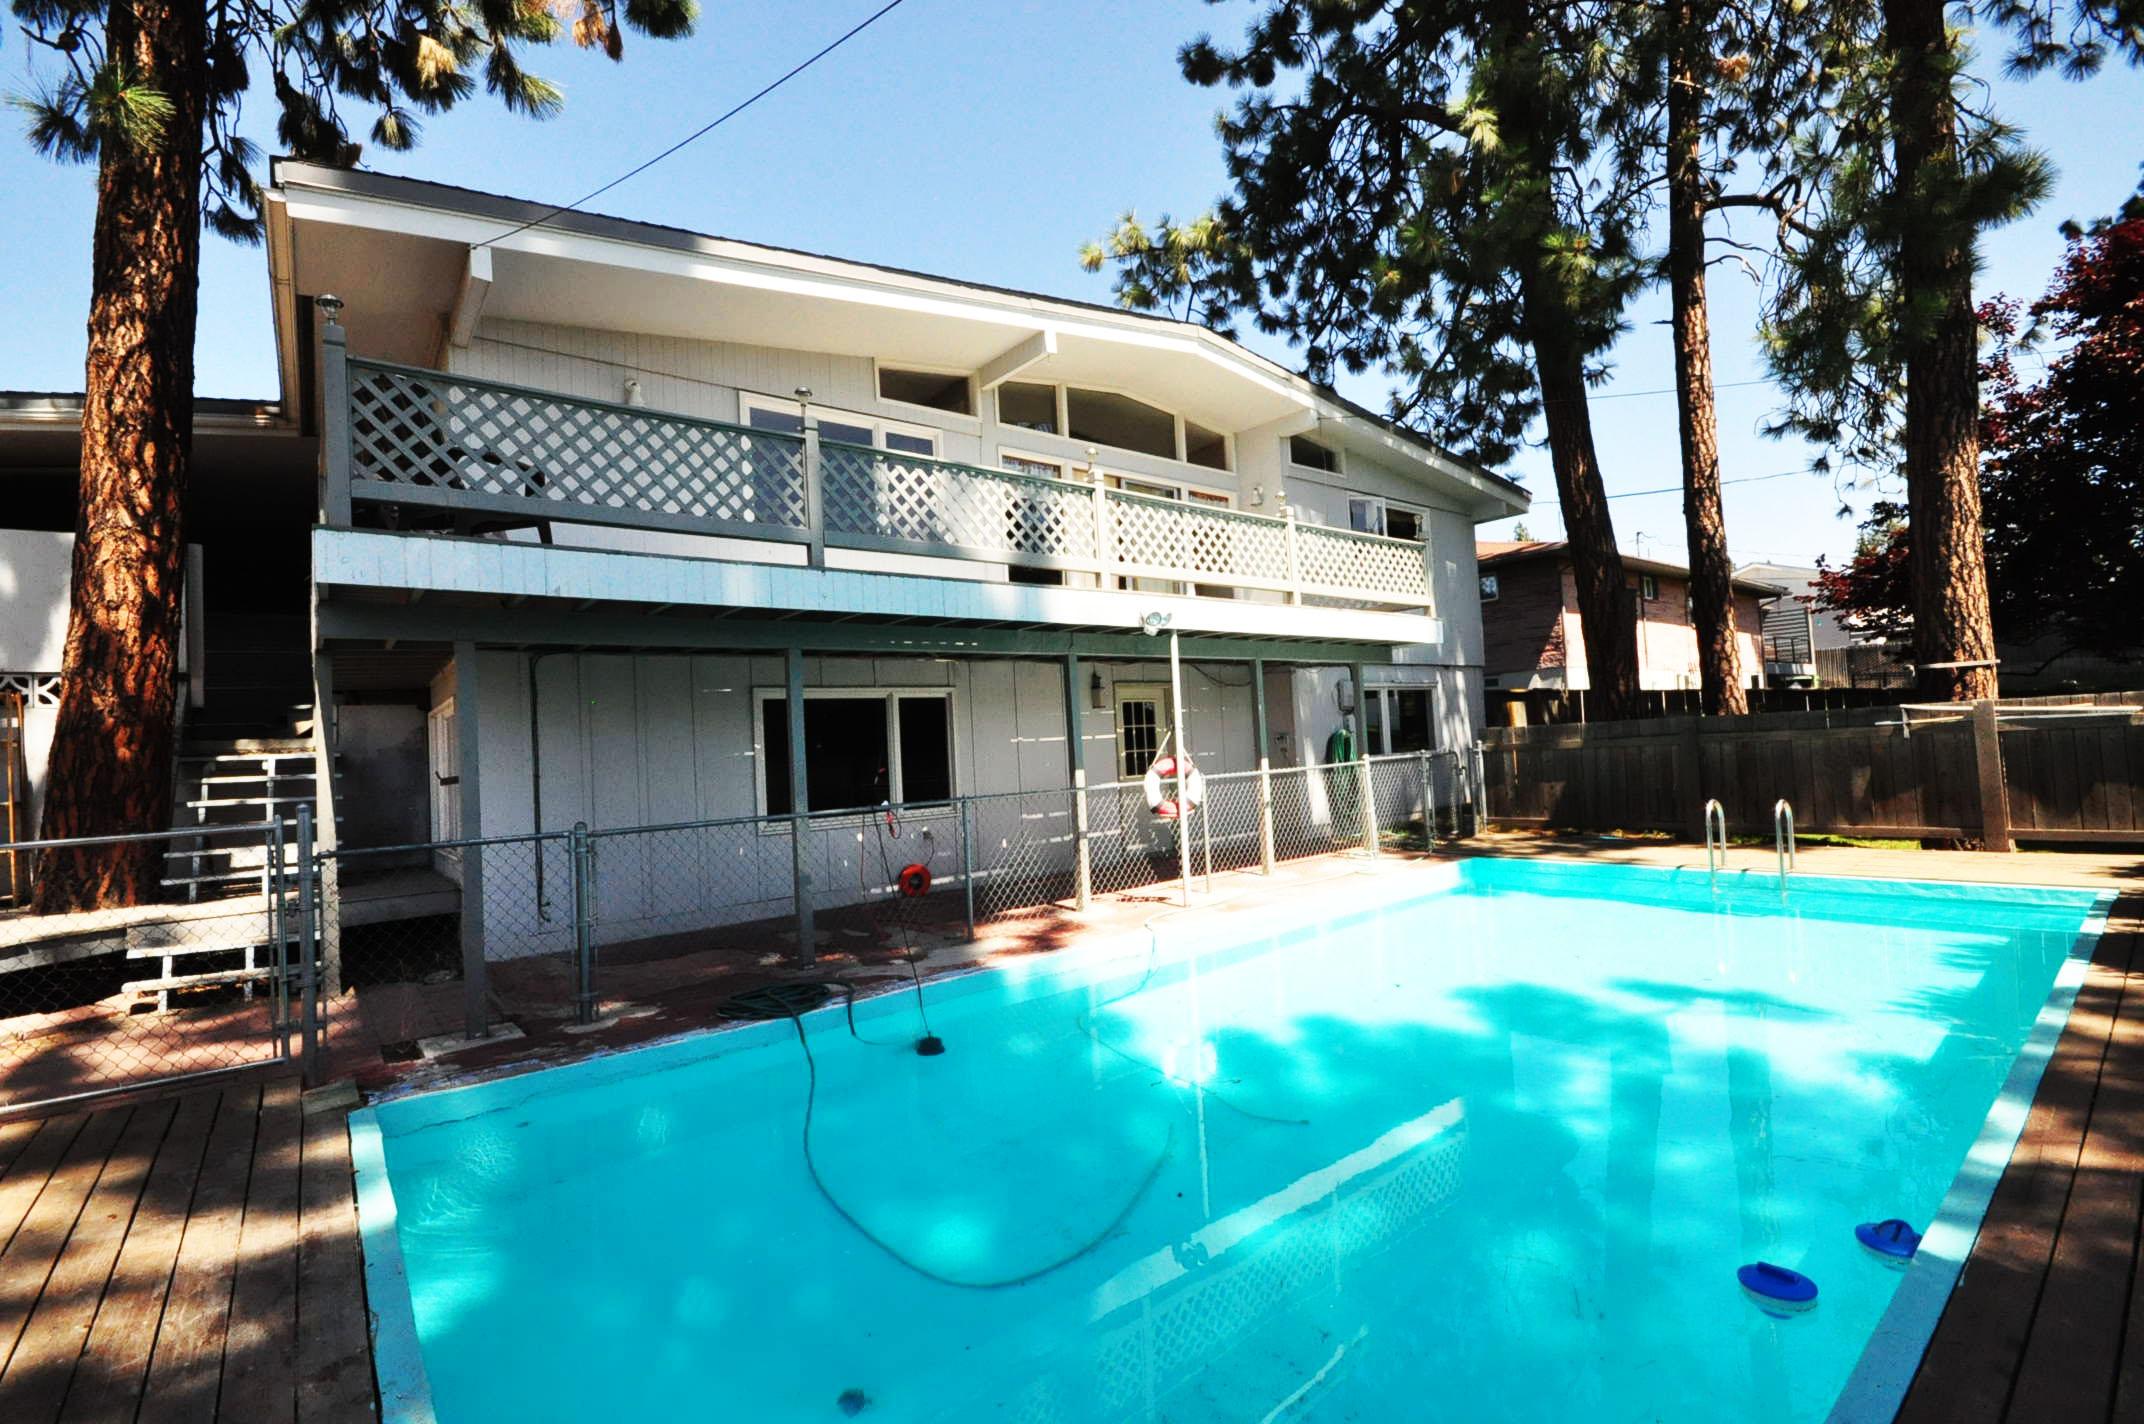 2627 W Beacon Ave Spokane, WA Pool View